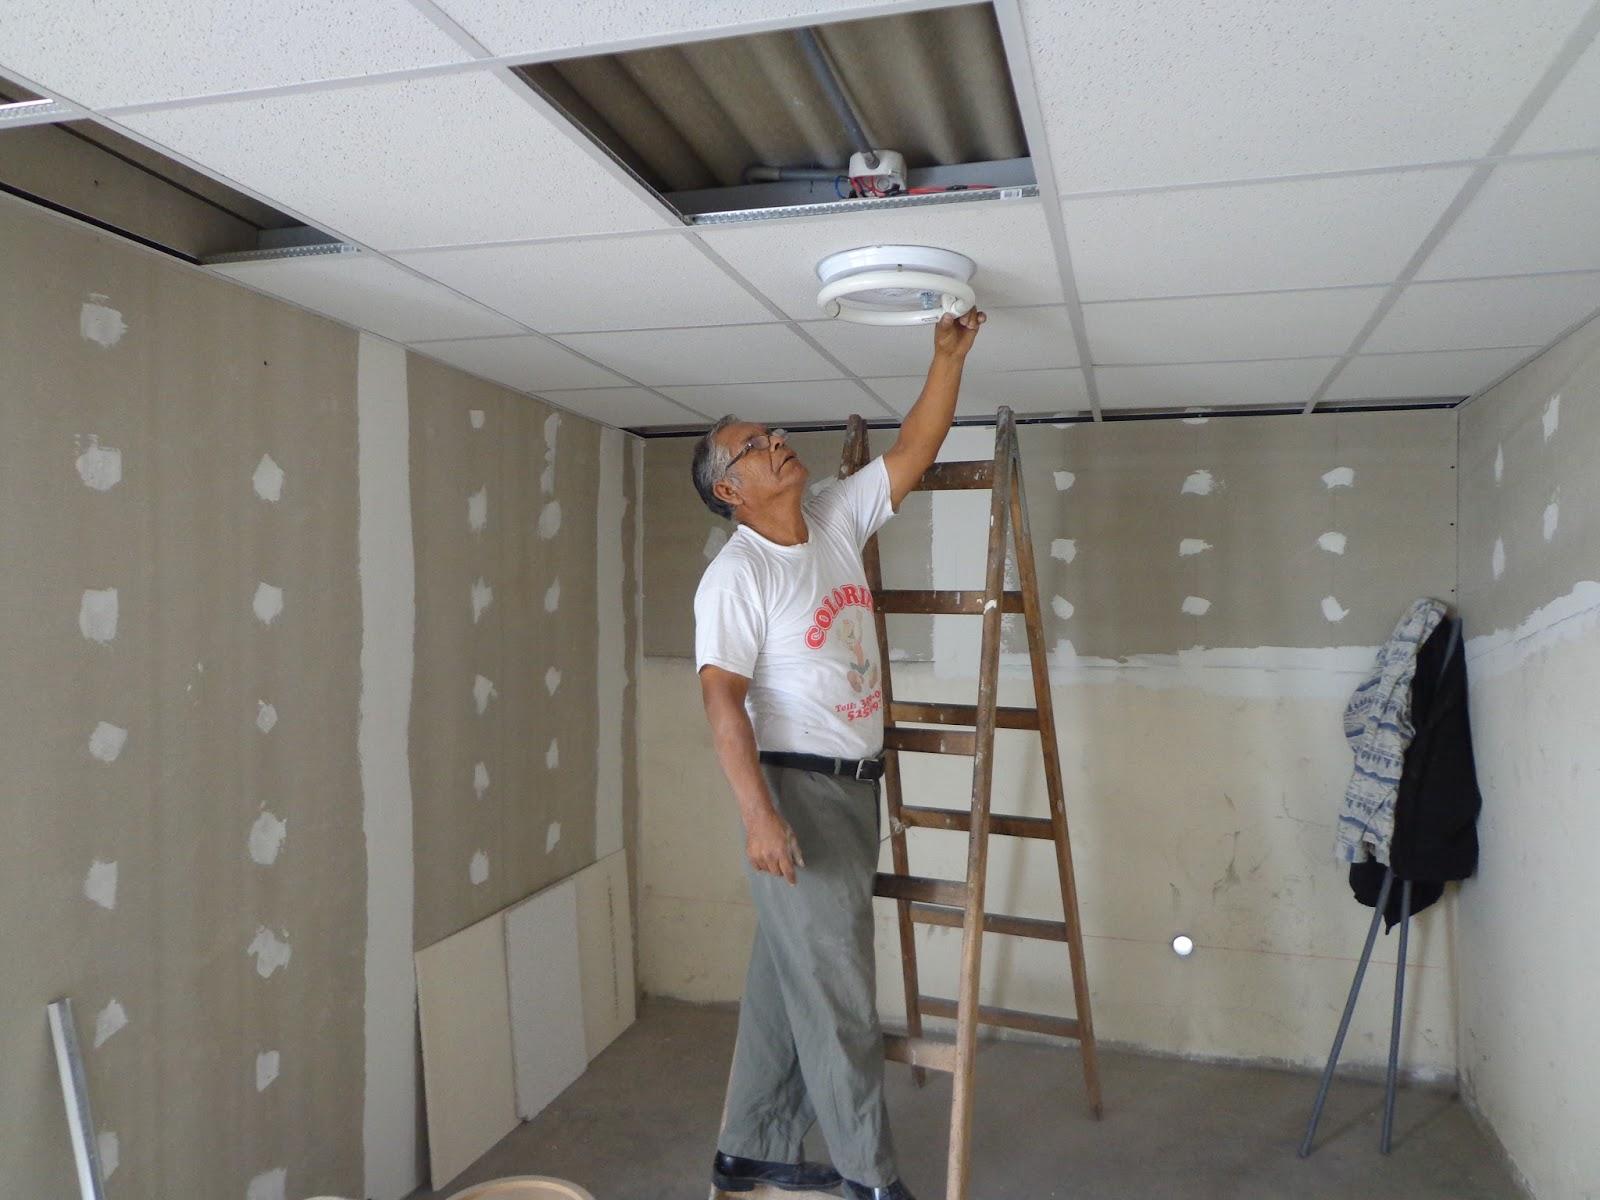 Casas prefabricadas drywall estructuras metalicas lima peru for Techos de drywall para dormitorios